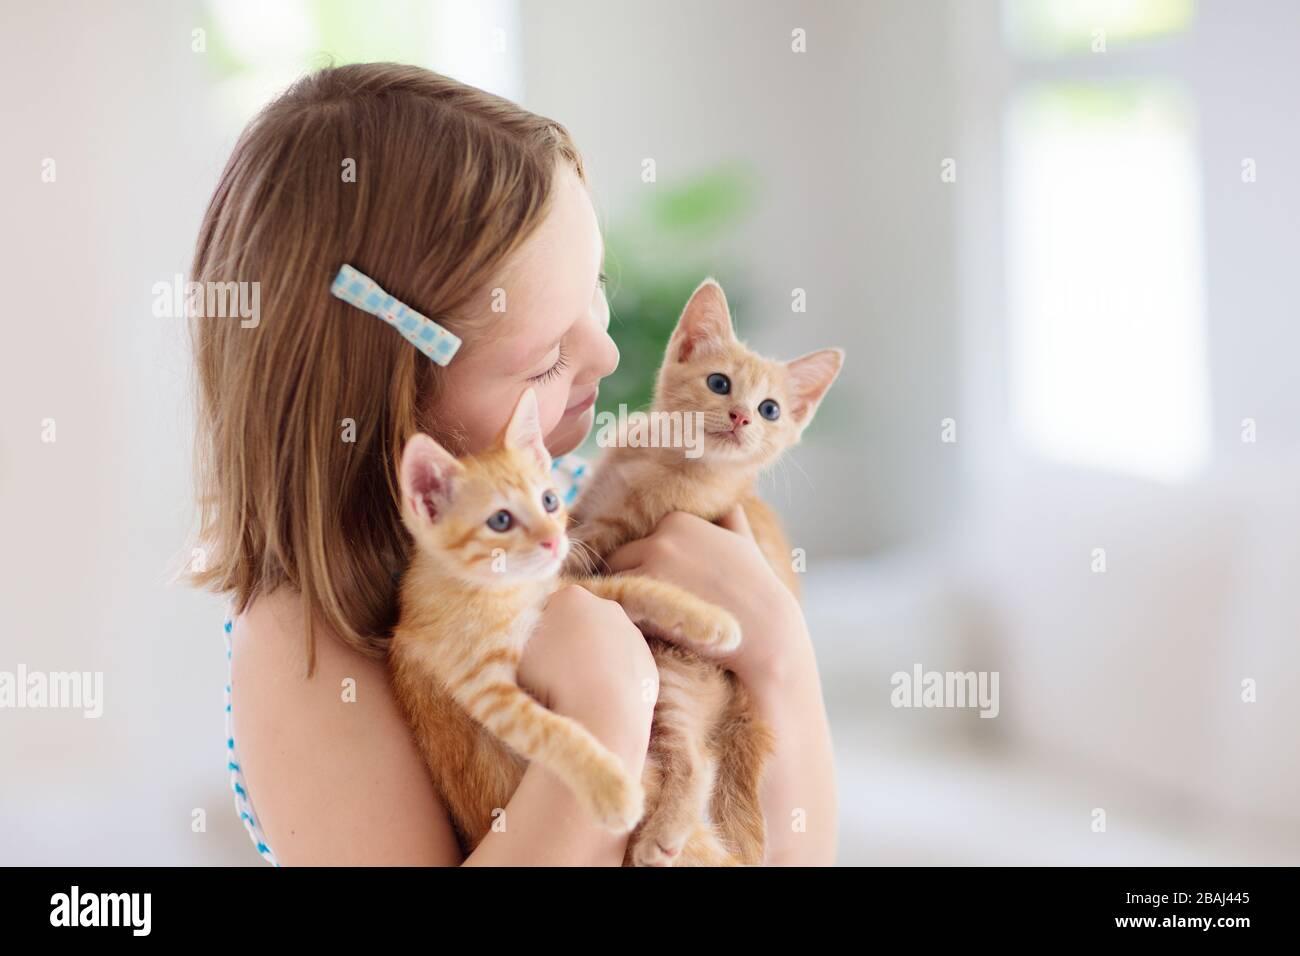 Kind, das eine Babykatze hält. Kinder und Haustiere. Kleines Mädchen umarmt niedliches kleines Kätzchen zu Hause. Haustier in der Familie mit Kindern. Kinder mit Haustieren. Stockfoto